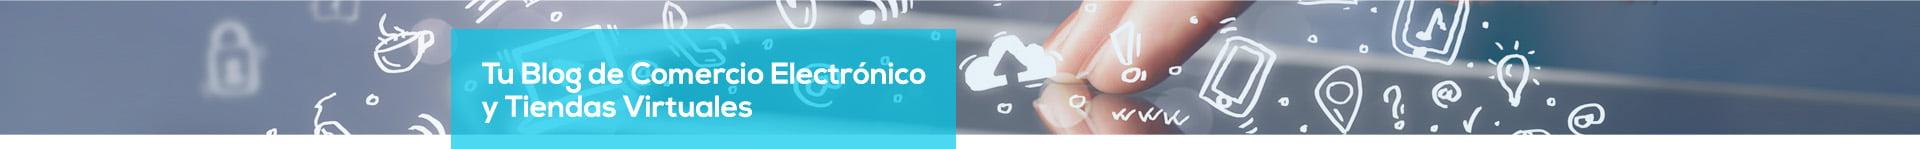 Blog sobre Comercio Electrónico, toda la actualidad para tu Tienda Virtual